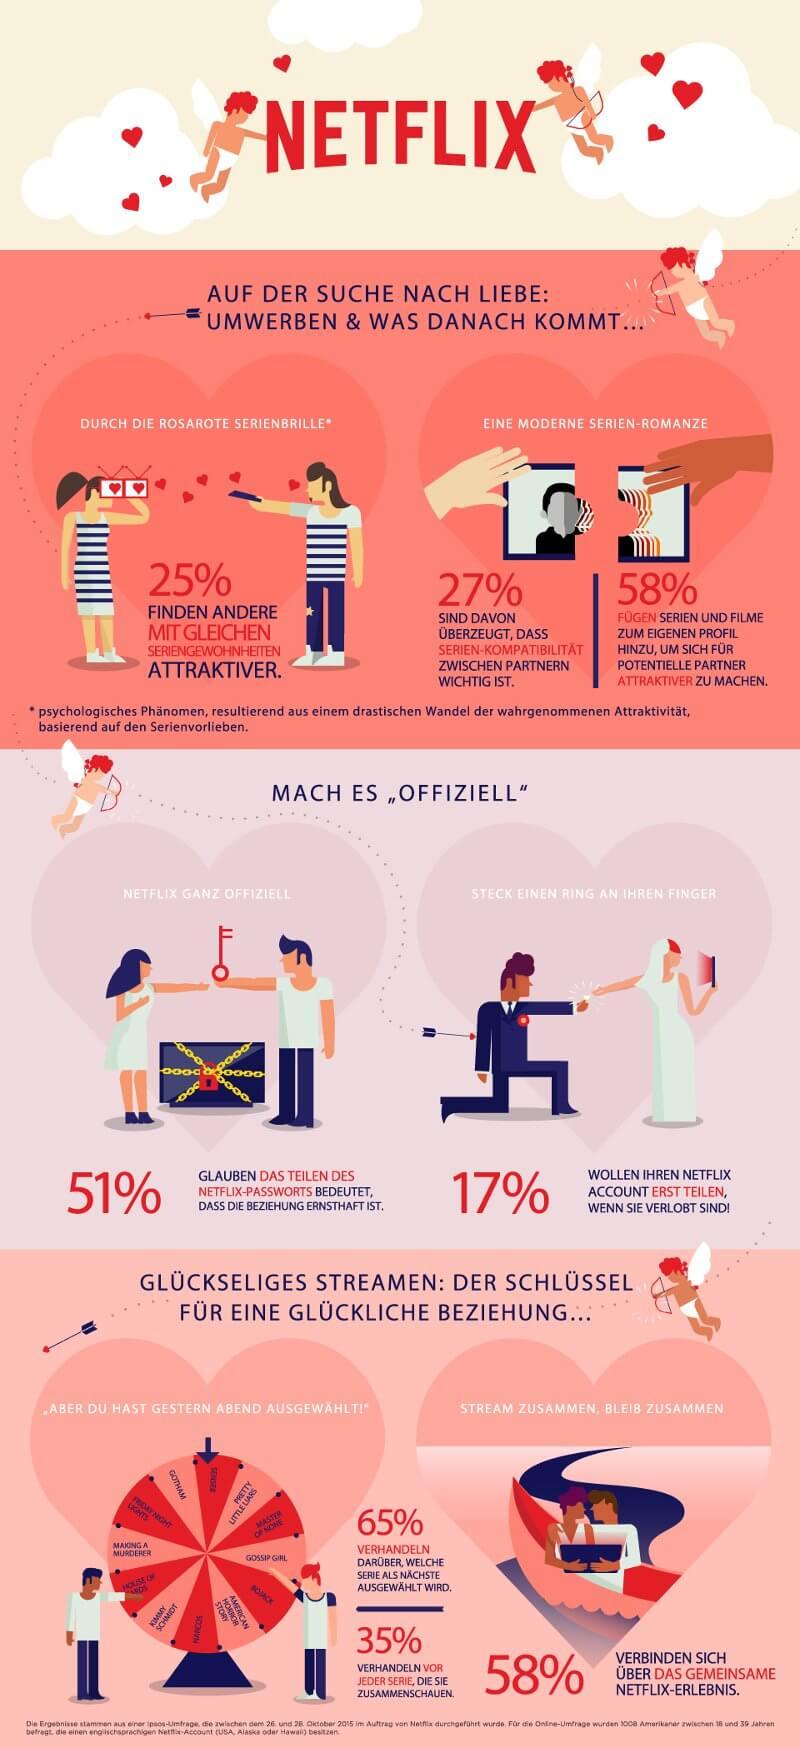 Showmance by Netflix - Die perfekte Valentins-Romanze...